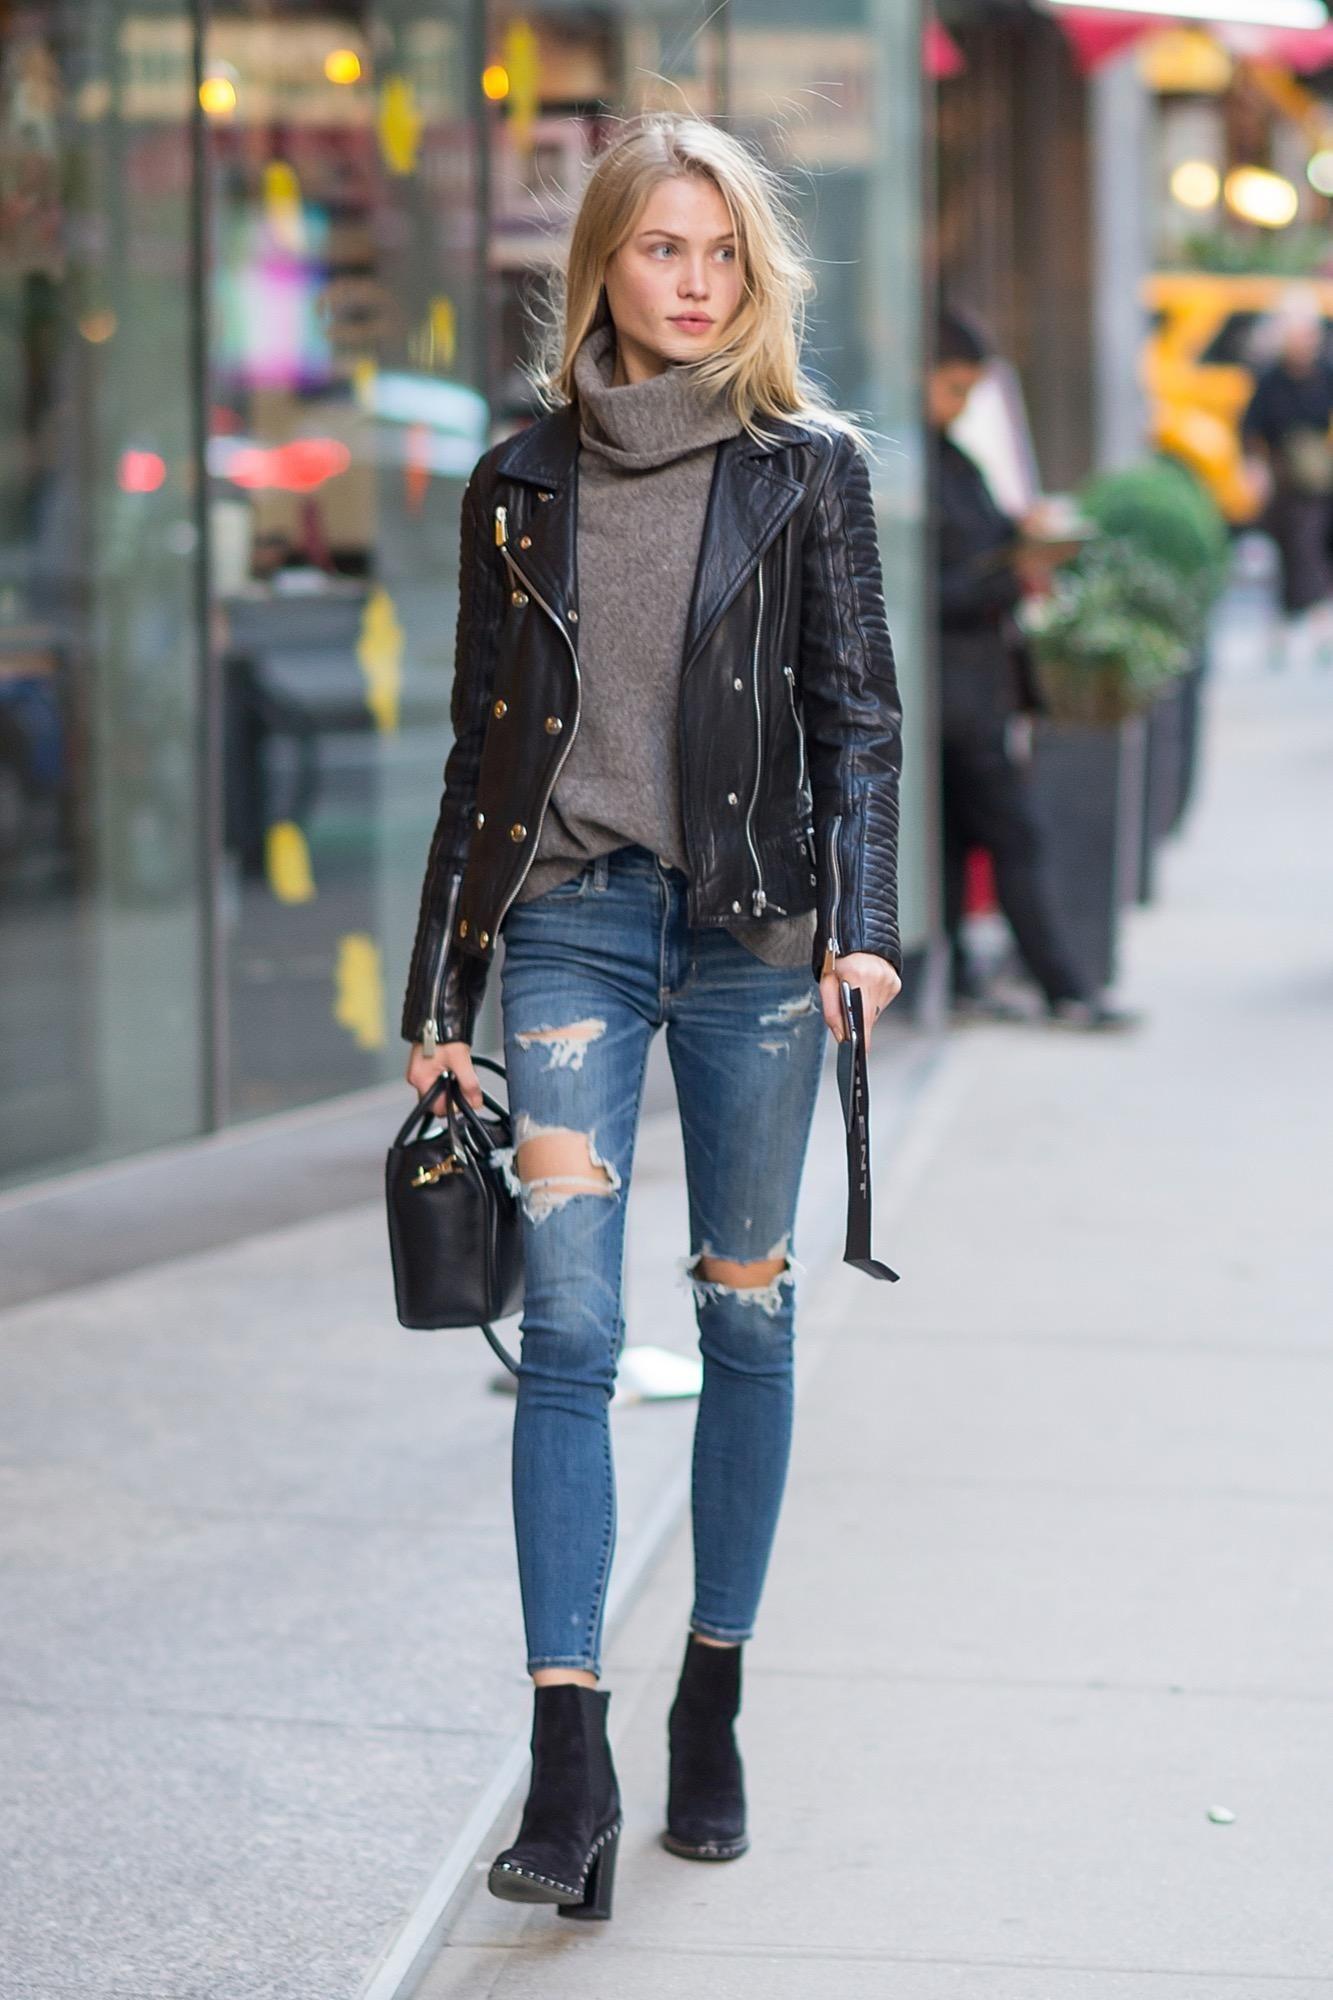 Diese Winterschuhe passen am besten zu eurer Jeans #falloutfitsformoms